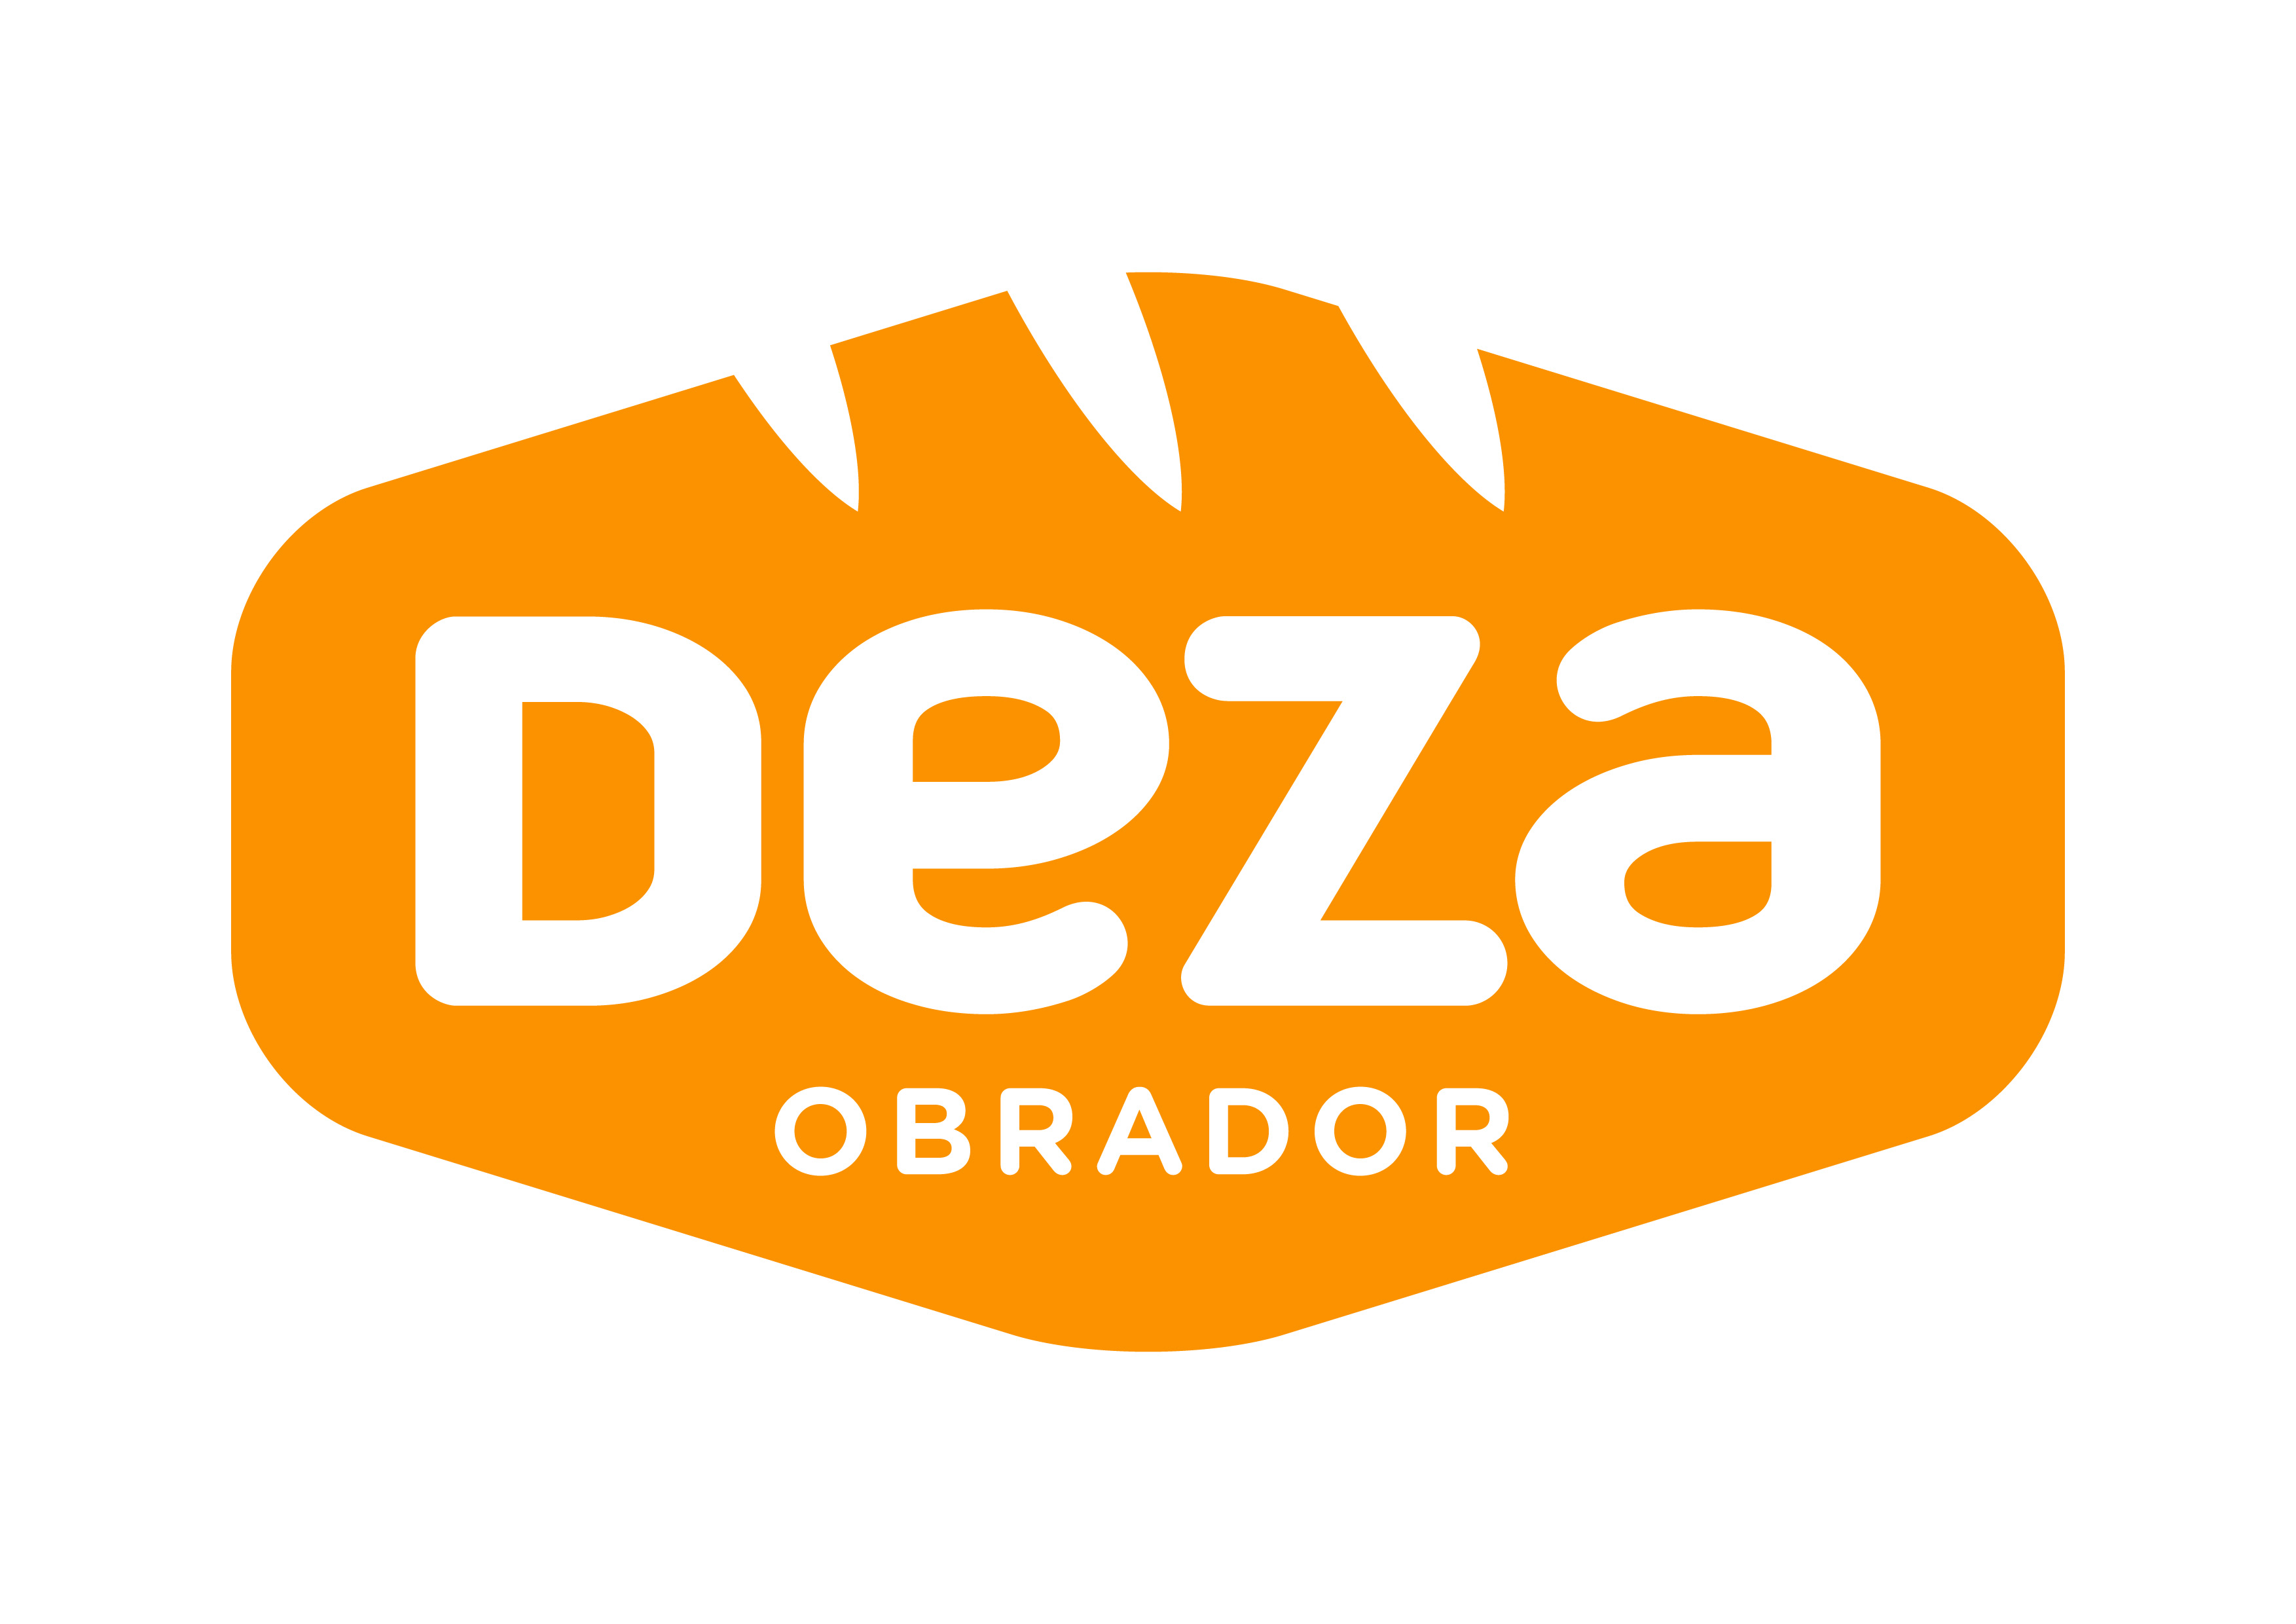 logo_DEZA_obrador